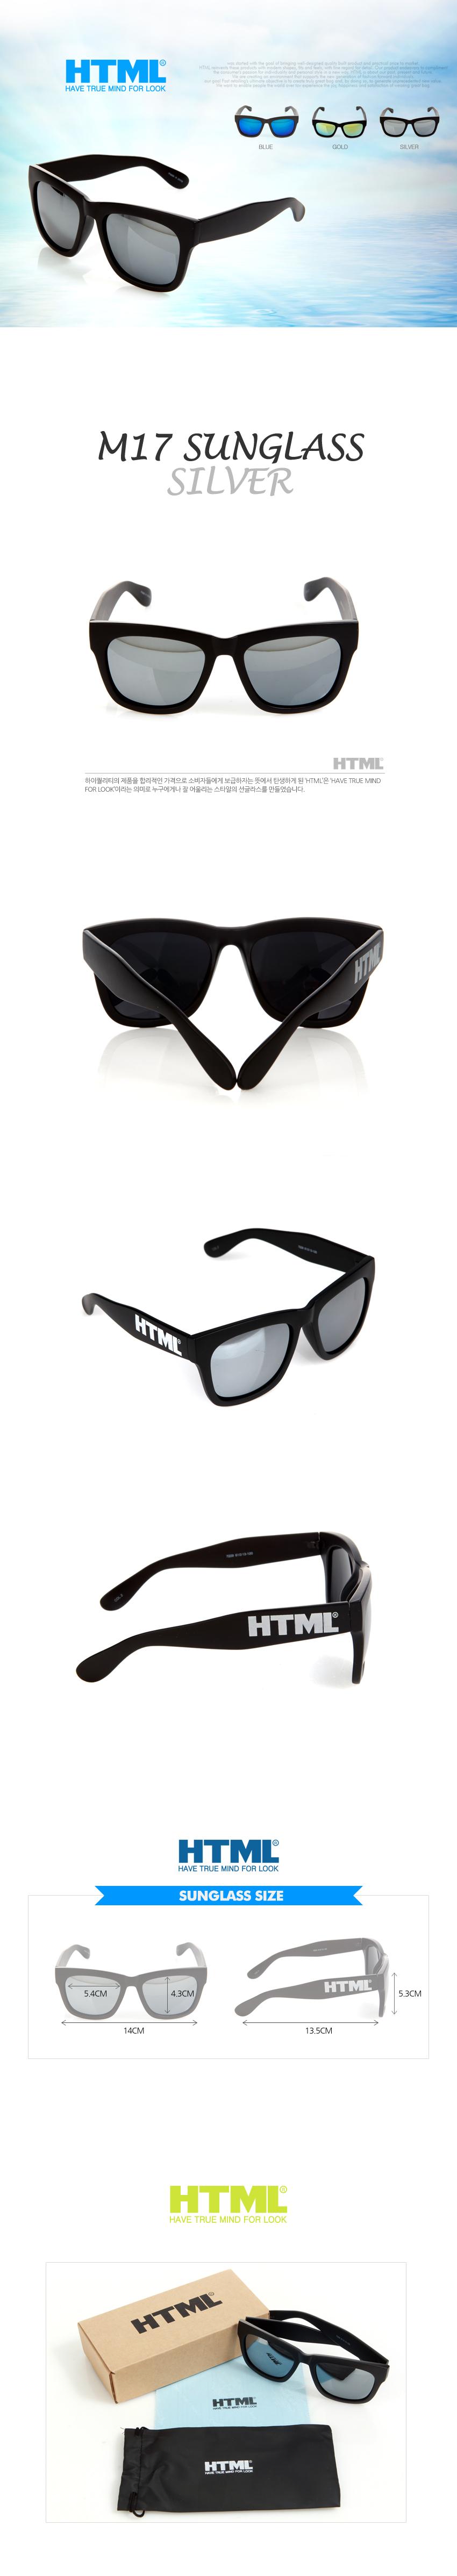 [에이치티엠엘] HTML - M17 sunglass (Silver)